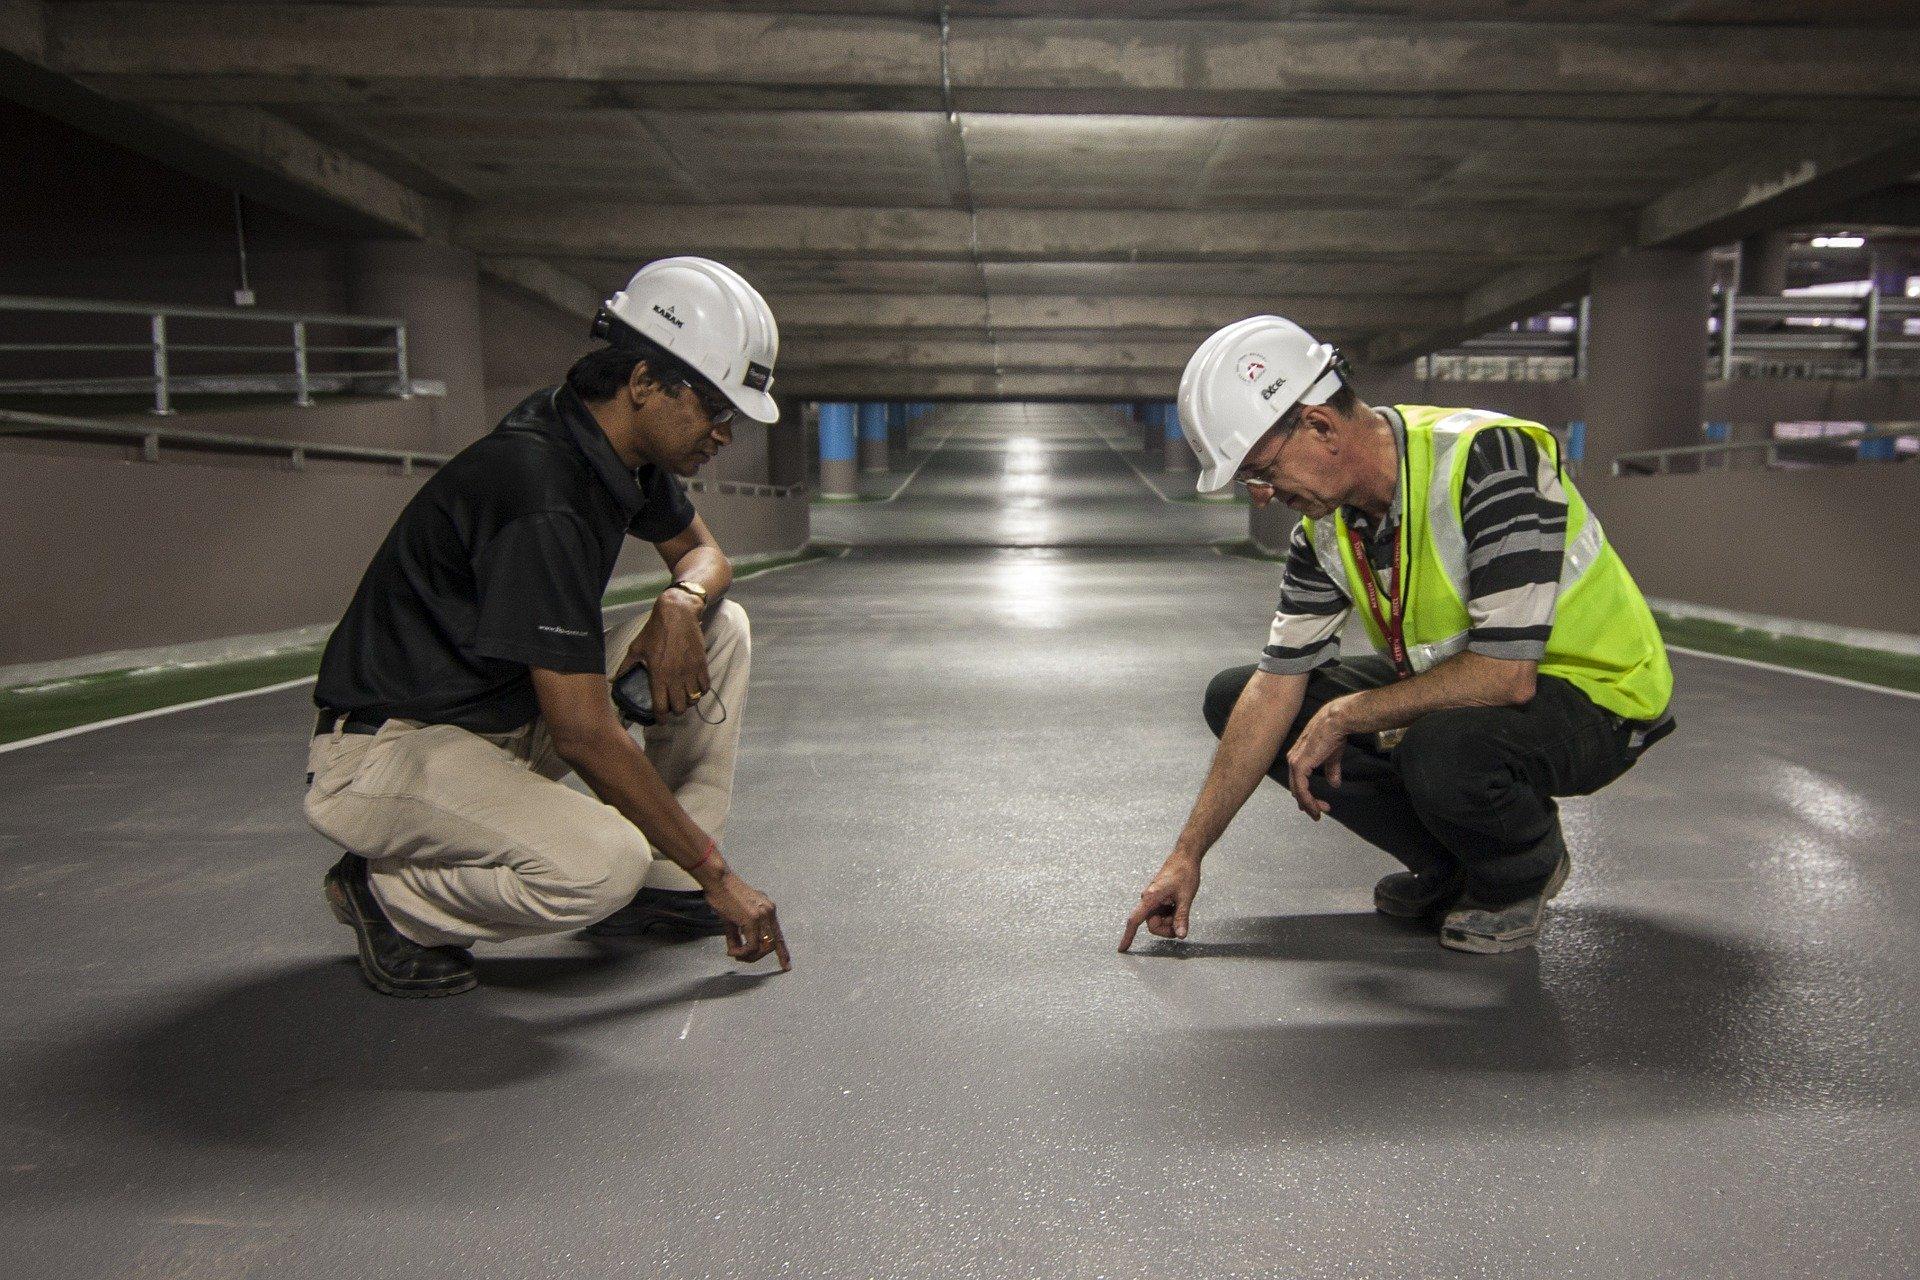 Qui intervient lors d'un projet de construction?